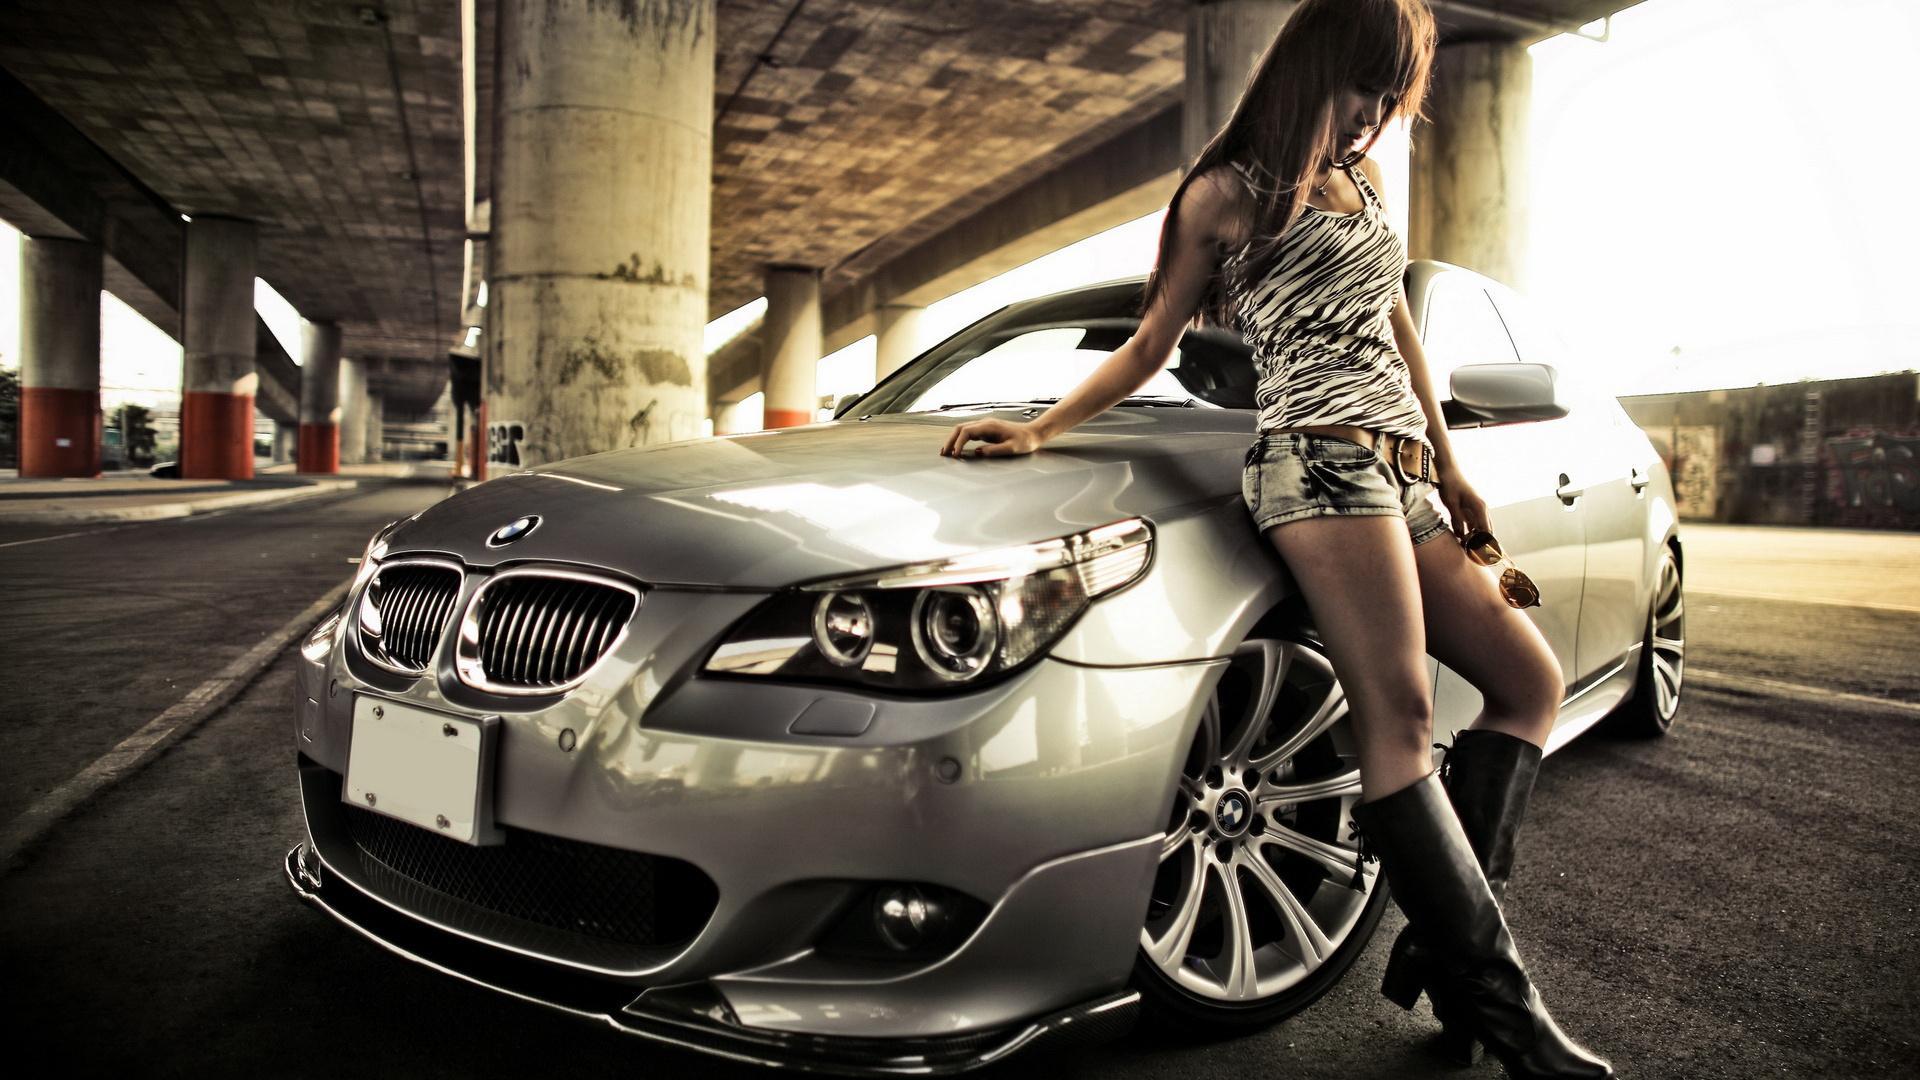 Лучшие фото машин с девушками на рабочий стол   подборка (13)